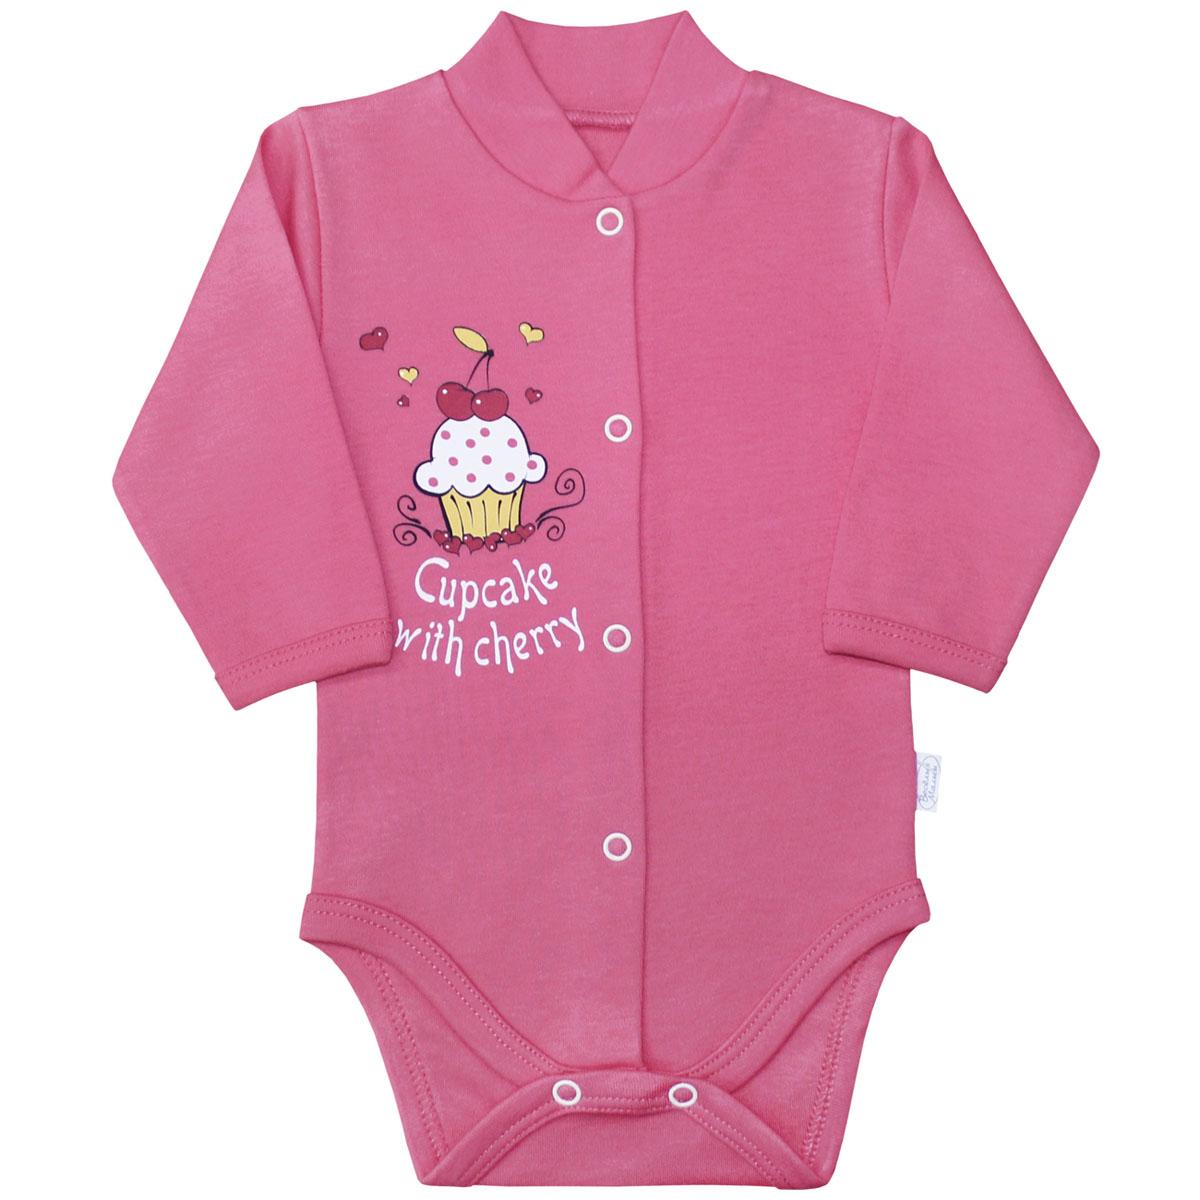 Боди для девочки Веселый малыш Спелая вишня, цвет: розовый. 141/322св-C (1). Размер 68 веселый малыш песочник спелая вишня 52322